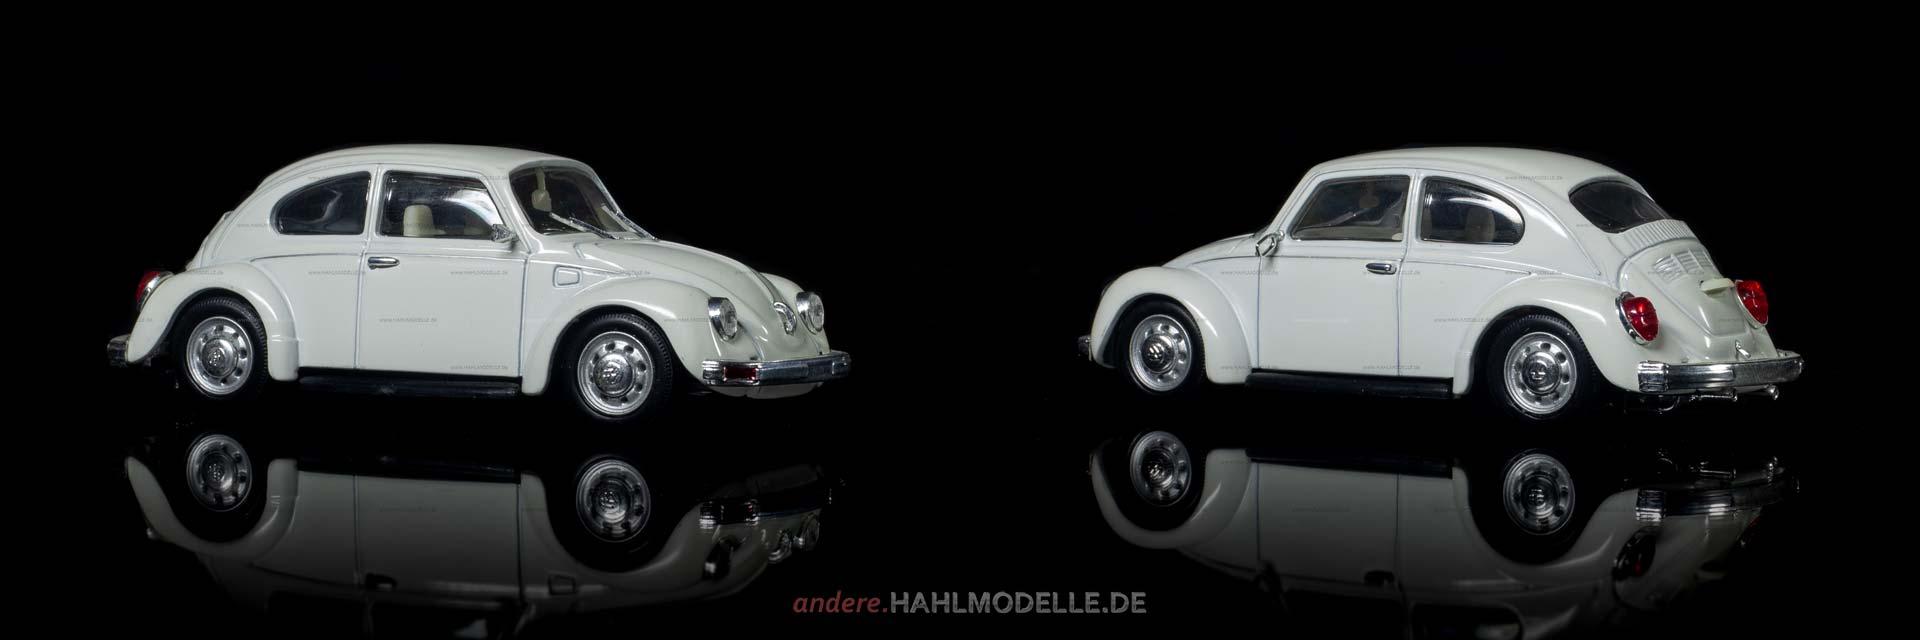 Volkswagen 1303 (Typ 1) | Limousine | Ixo | 1:43 | www.andere.hahlmodelle.de